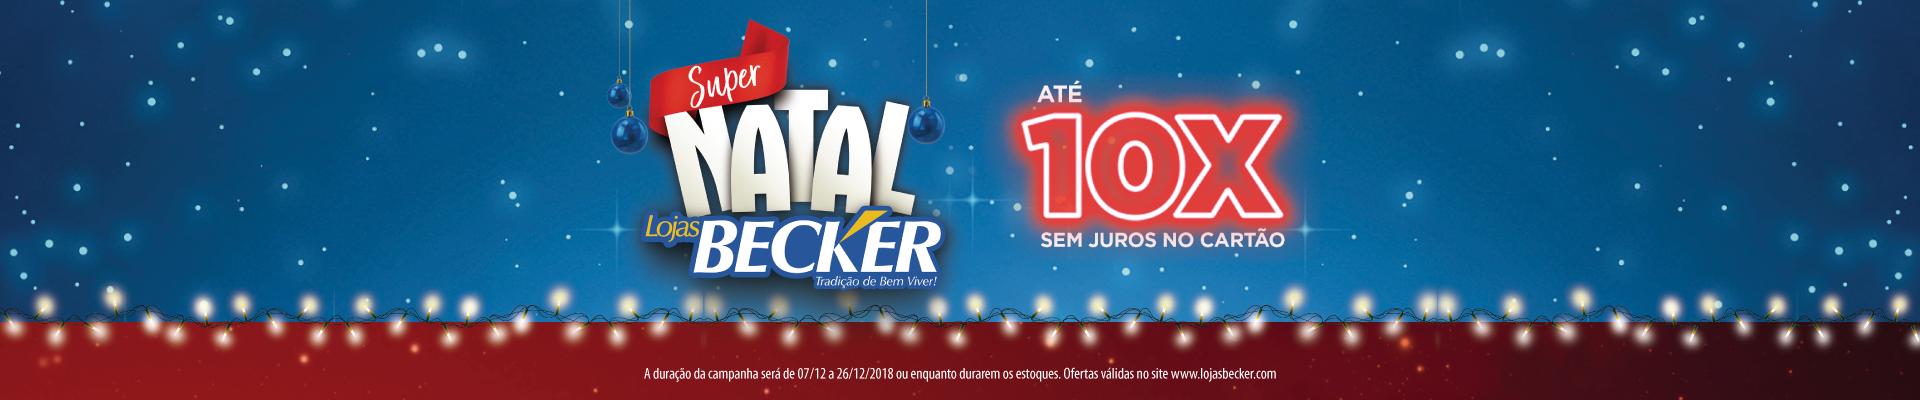 Banner Super Natal